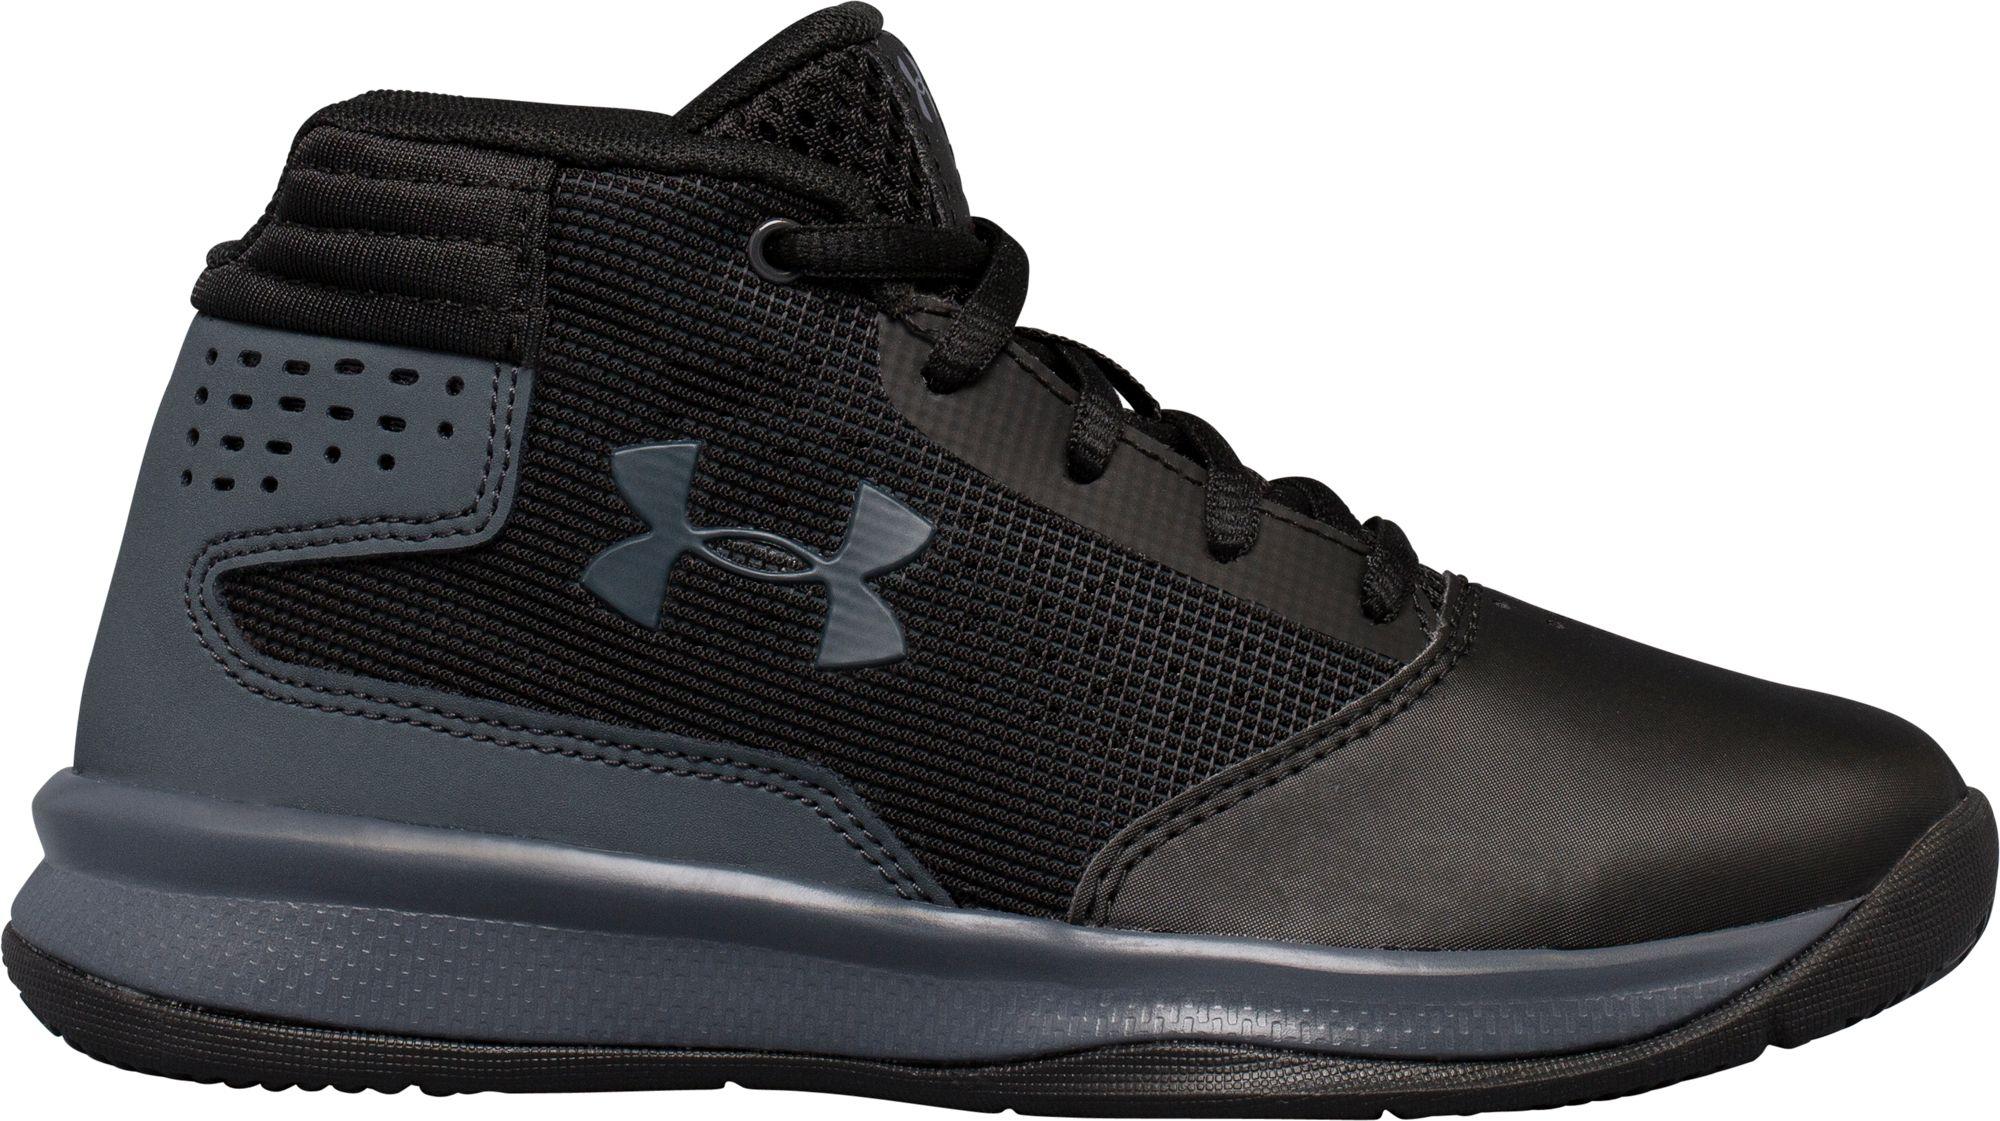 Sous Les Chaussures De Basket-ball De Jet Préscolaire Pour Enfants D'armure kKJF8r